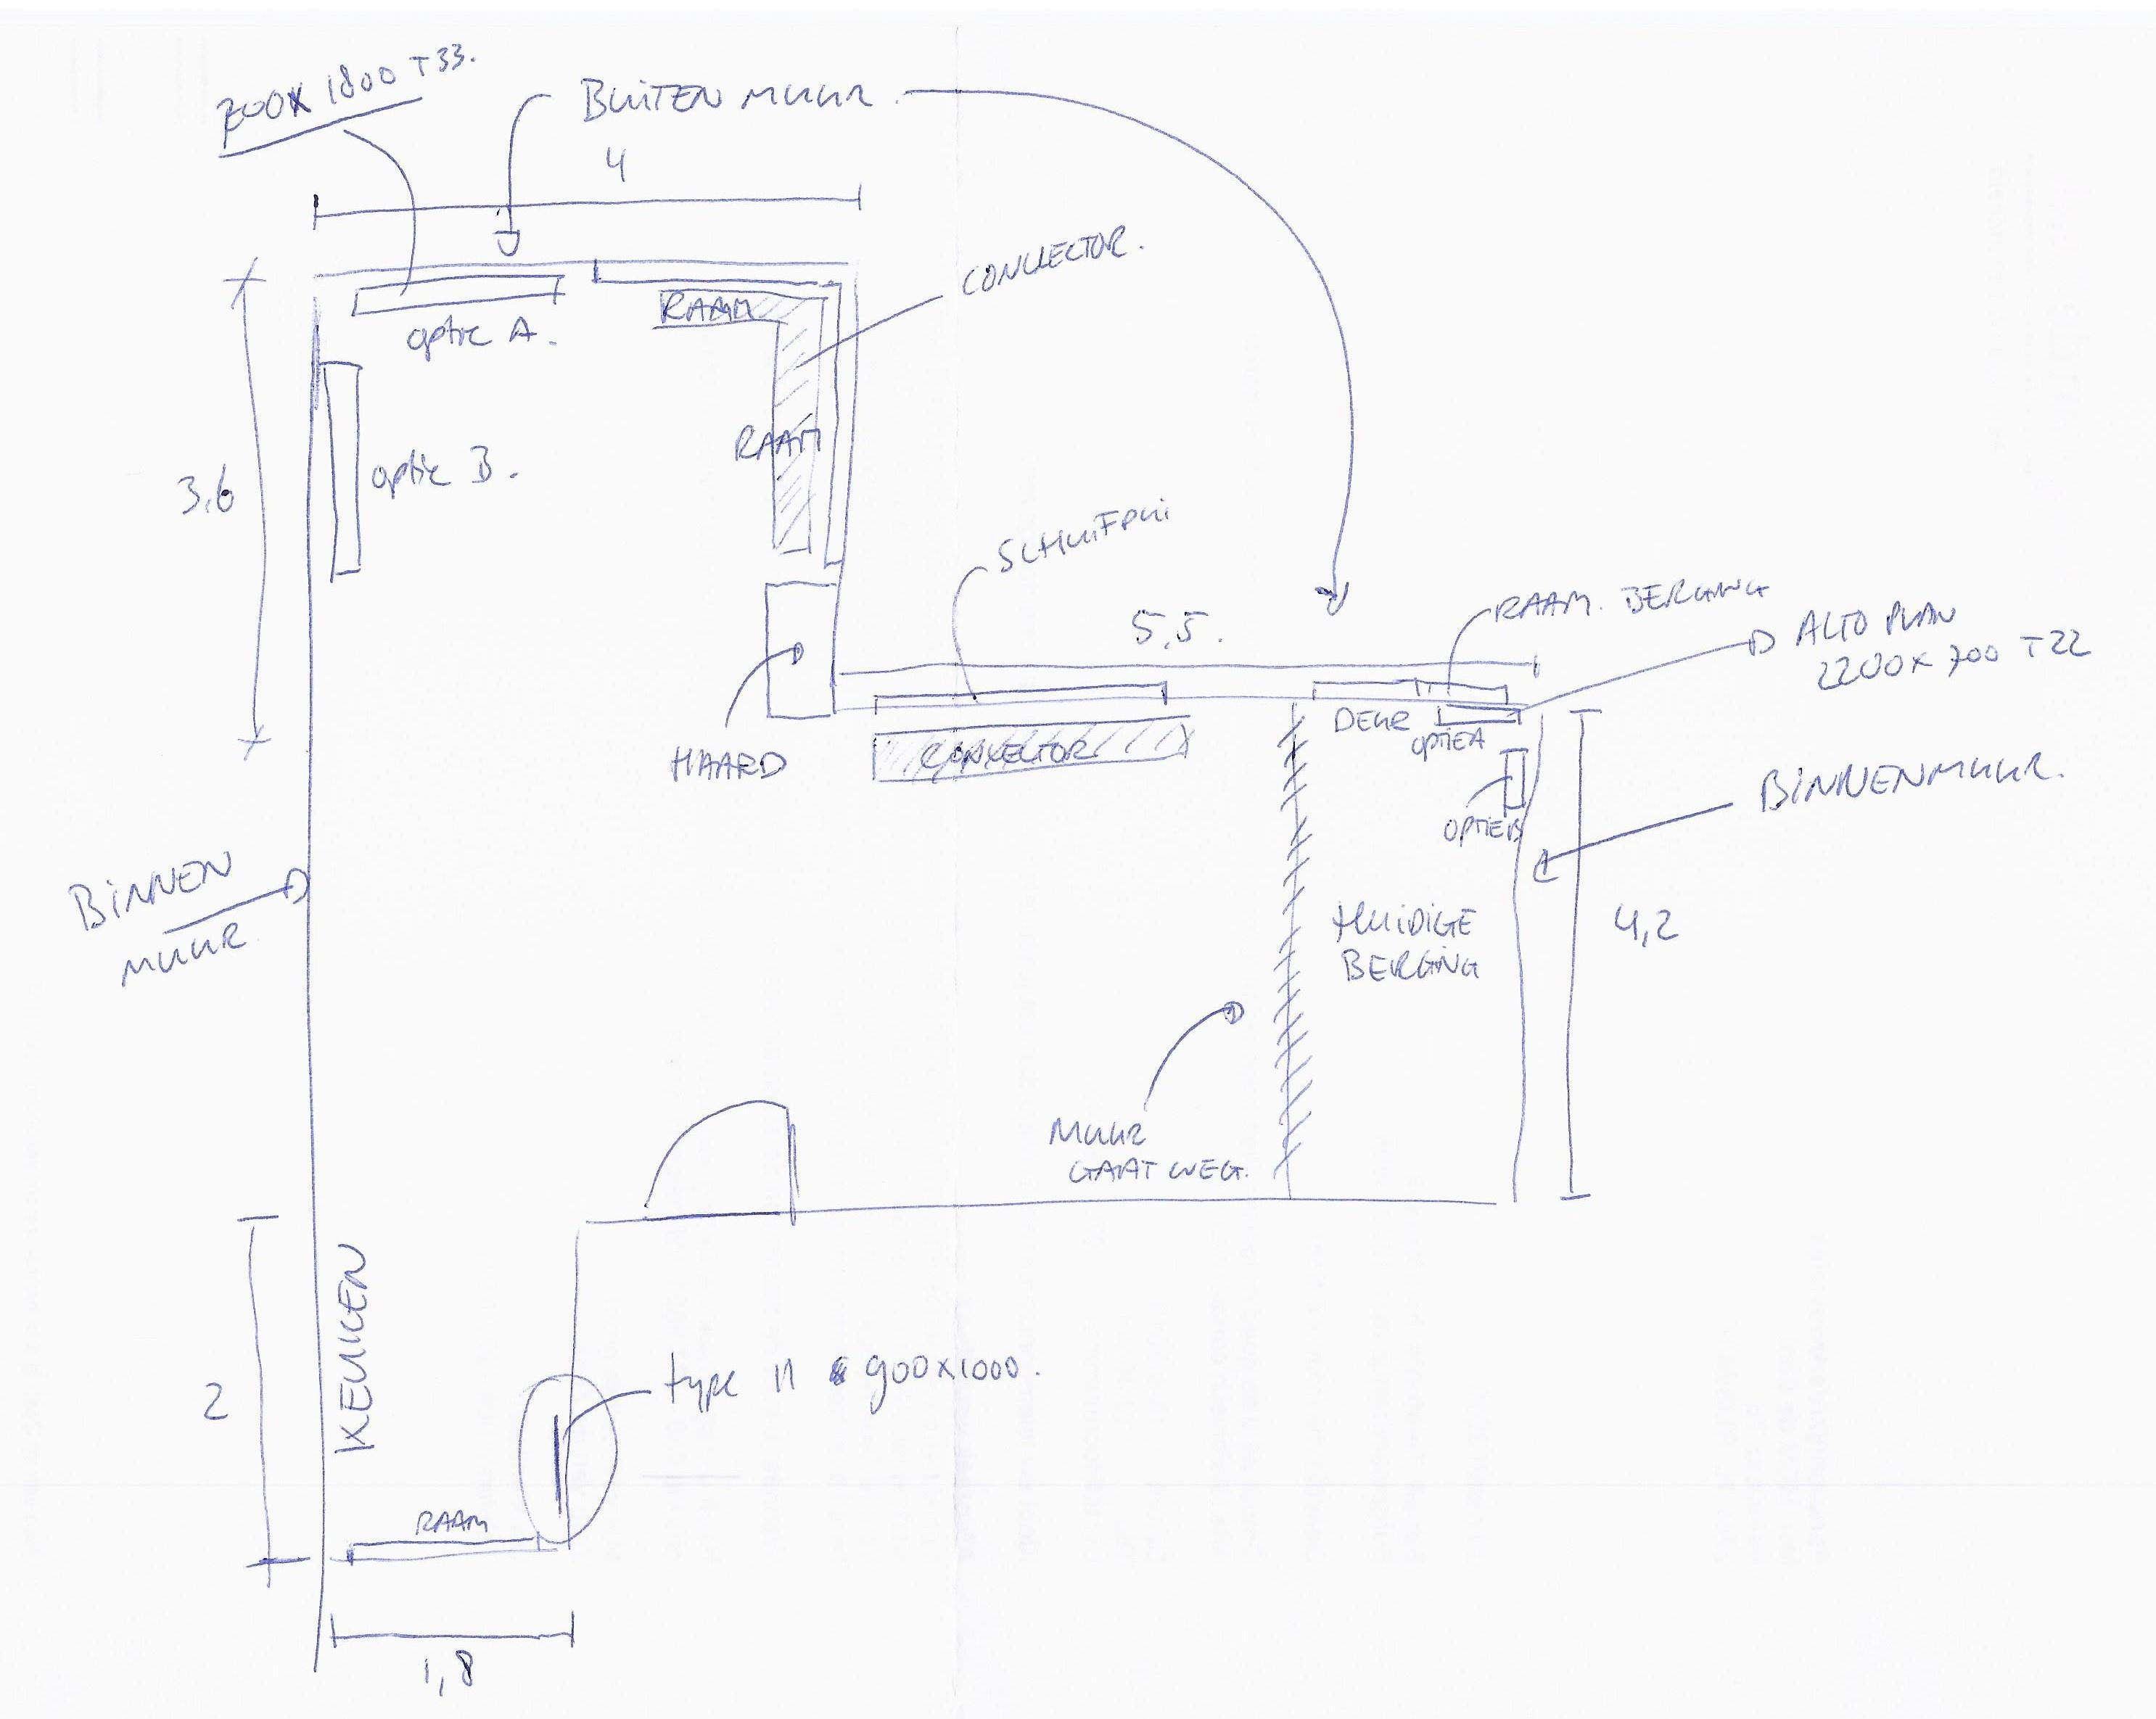 Tips voor positioneren van radiatoren woonkamer - Wonen & Verbouwen ...